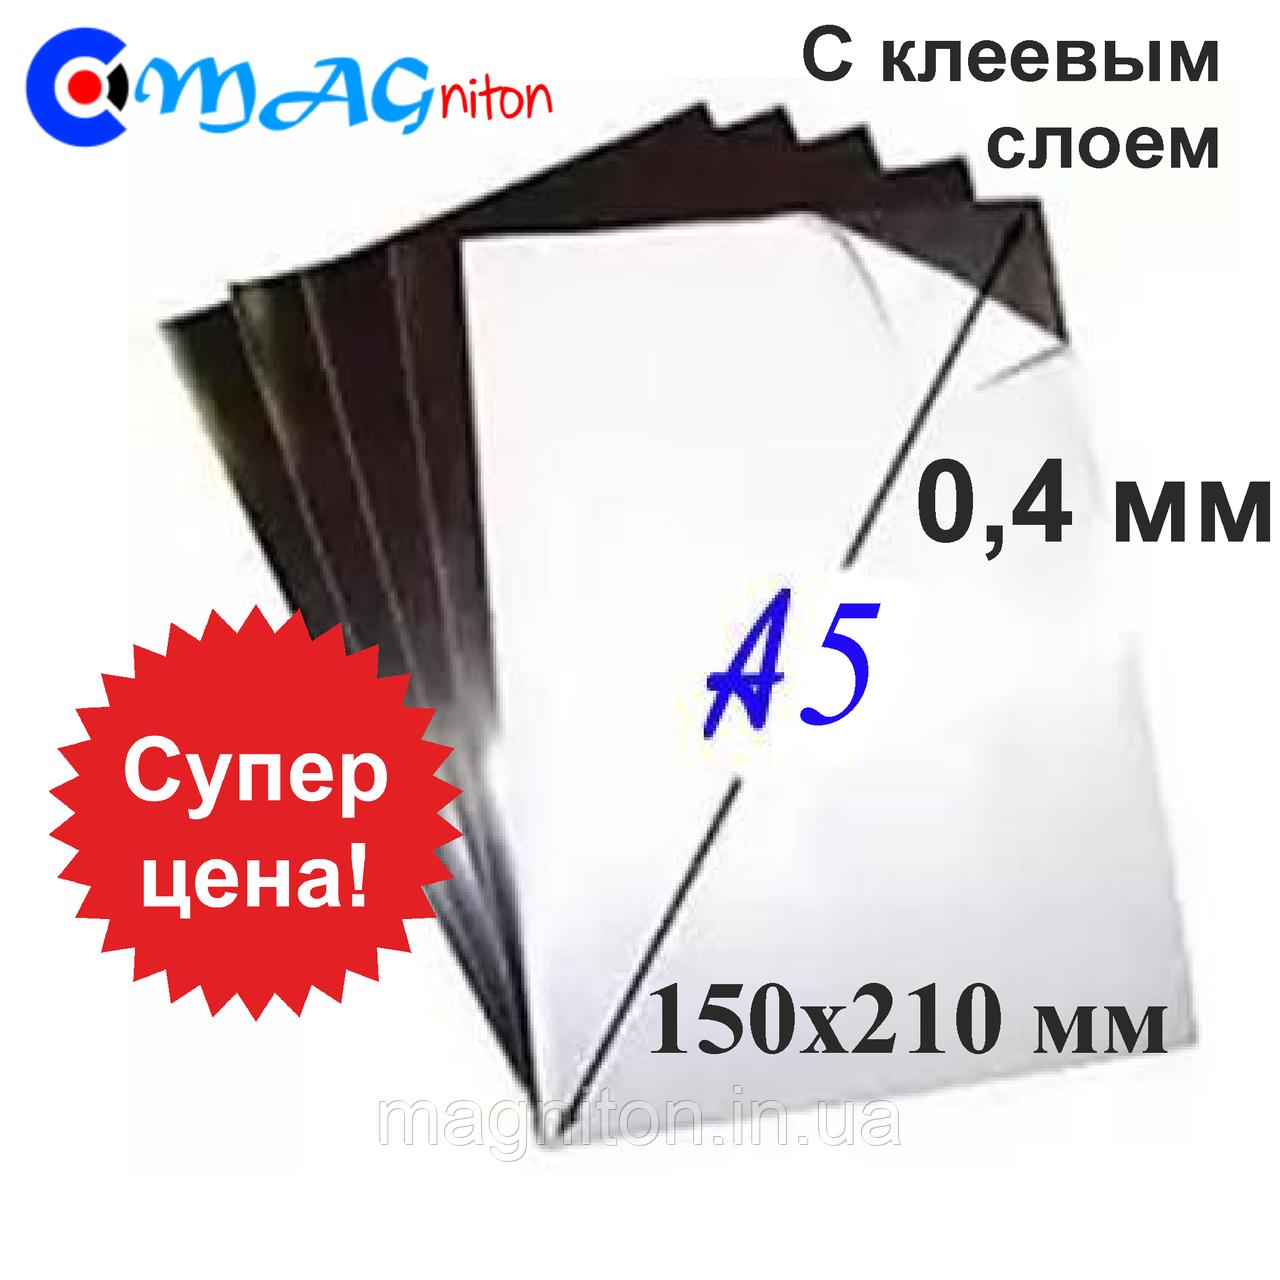 А5 магнитный винил с клеевым слоем 0,4 мм